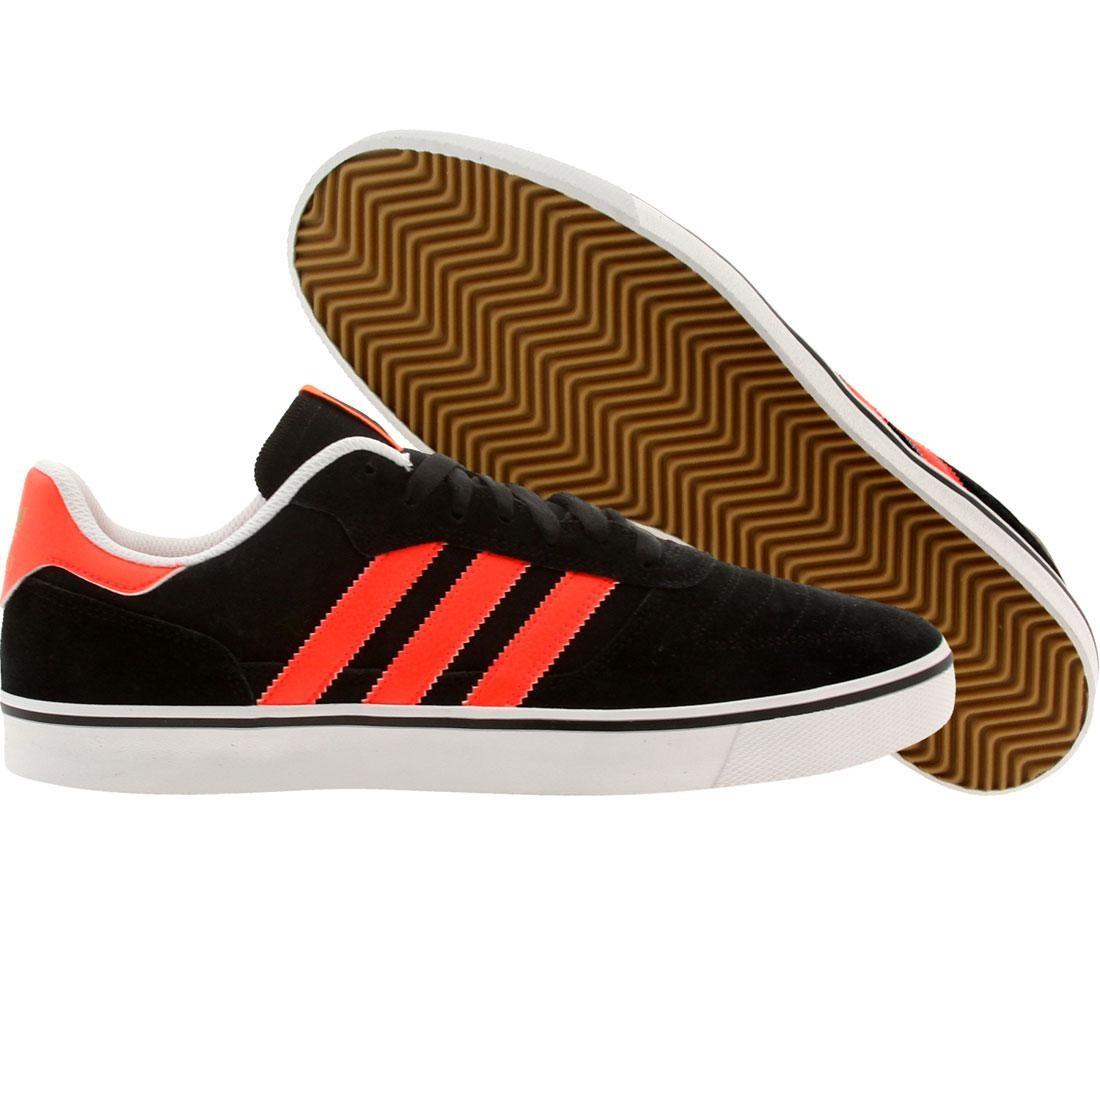 【海外限定】アディダス スケート 靴 メンズ靴 【 ADIDAS SKATE MEN COPA VULC BLACK CBLACK SOLRED 】